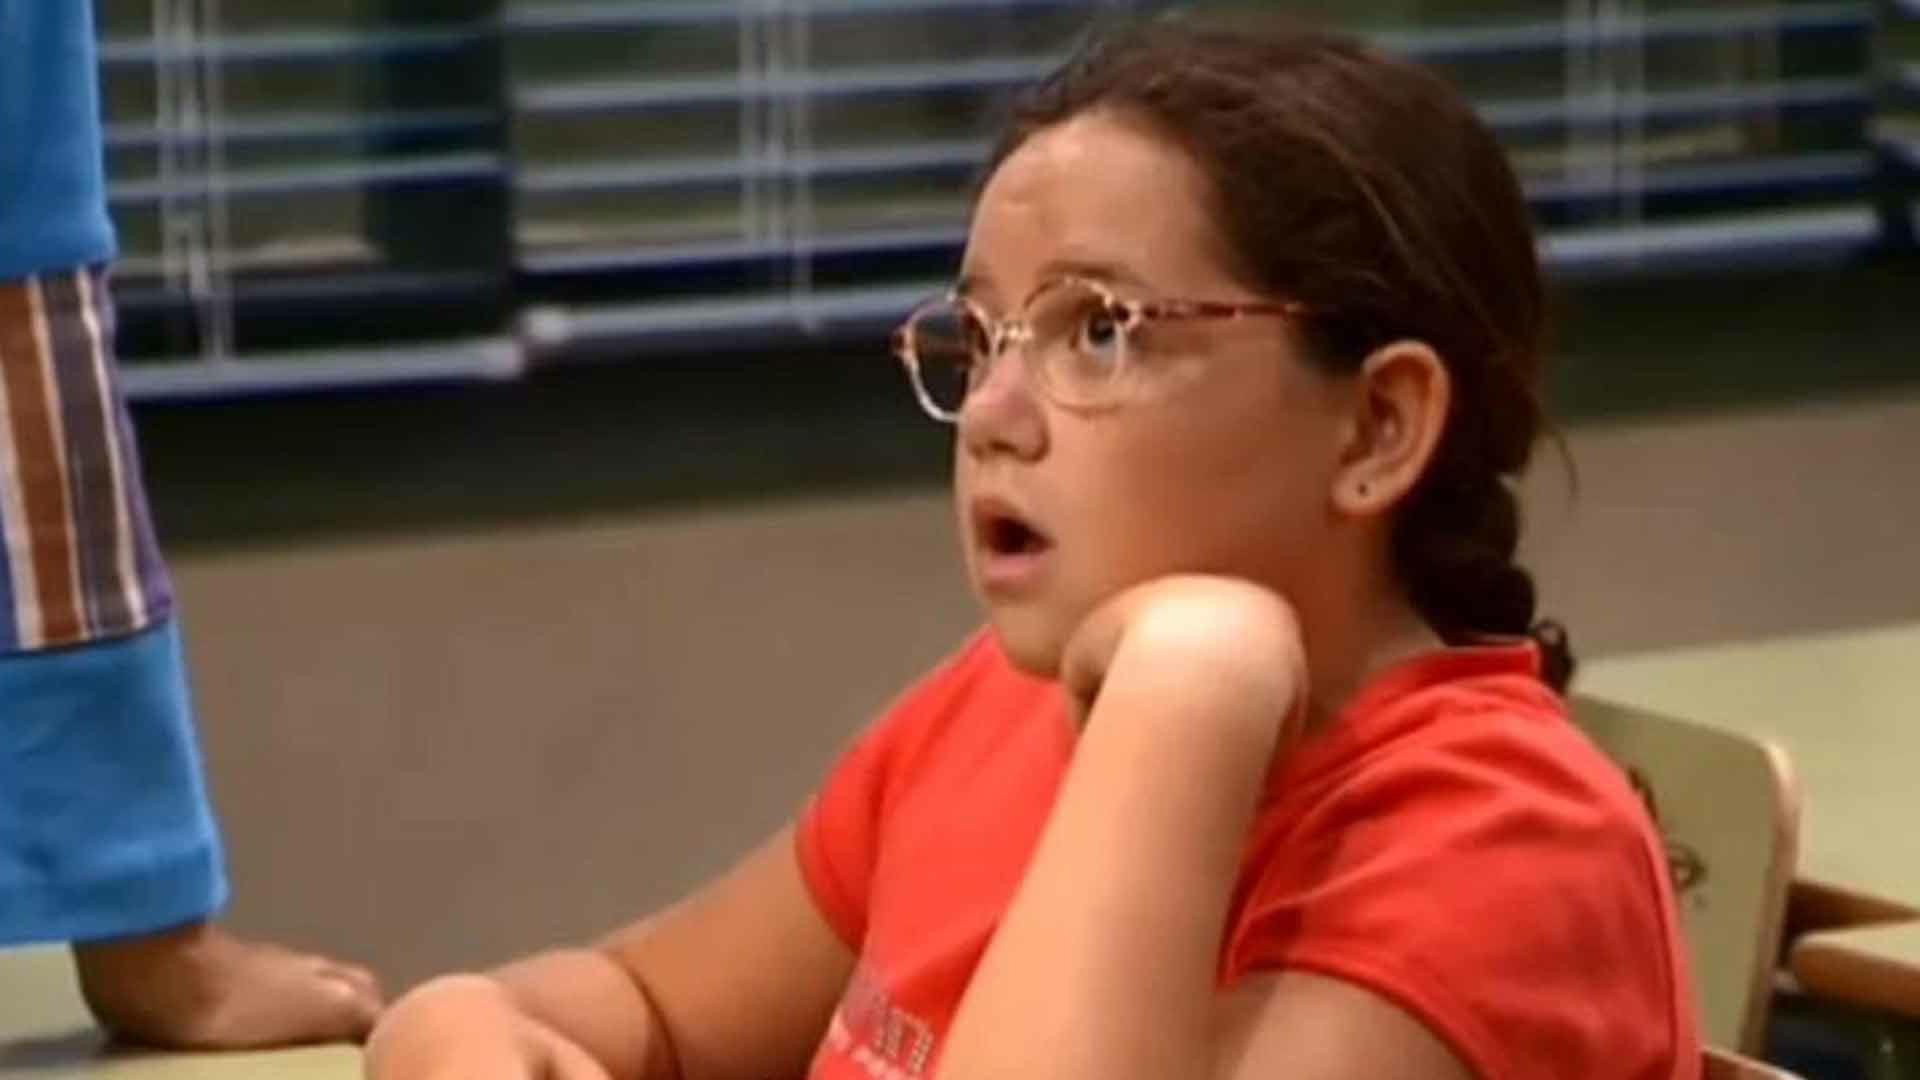 ¿Recuerdas a Yoli de 'Los Serrano'? Así ha cambiado Sara Brasal, la actriz que la interpretó